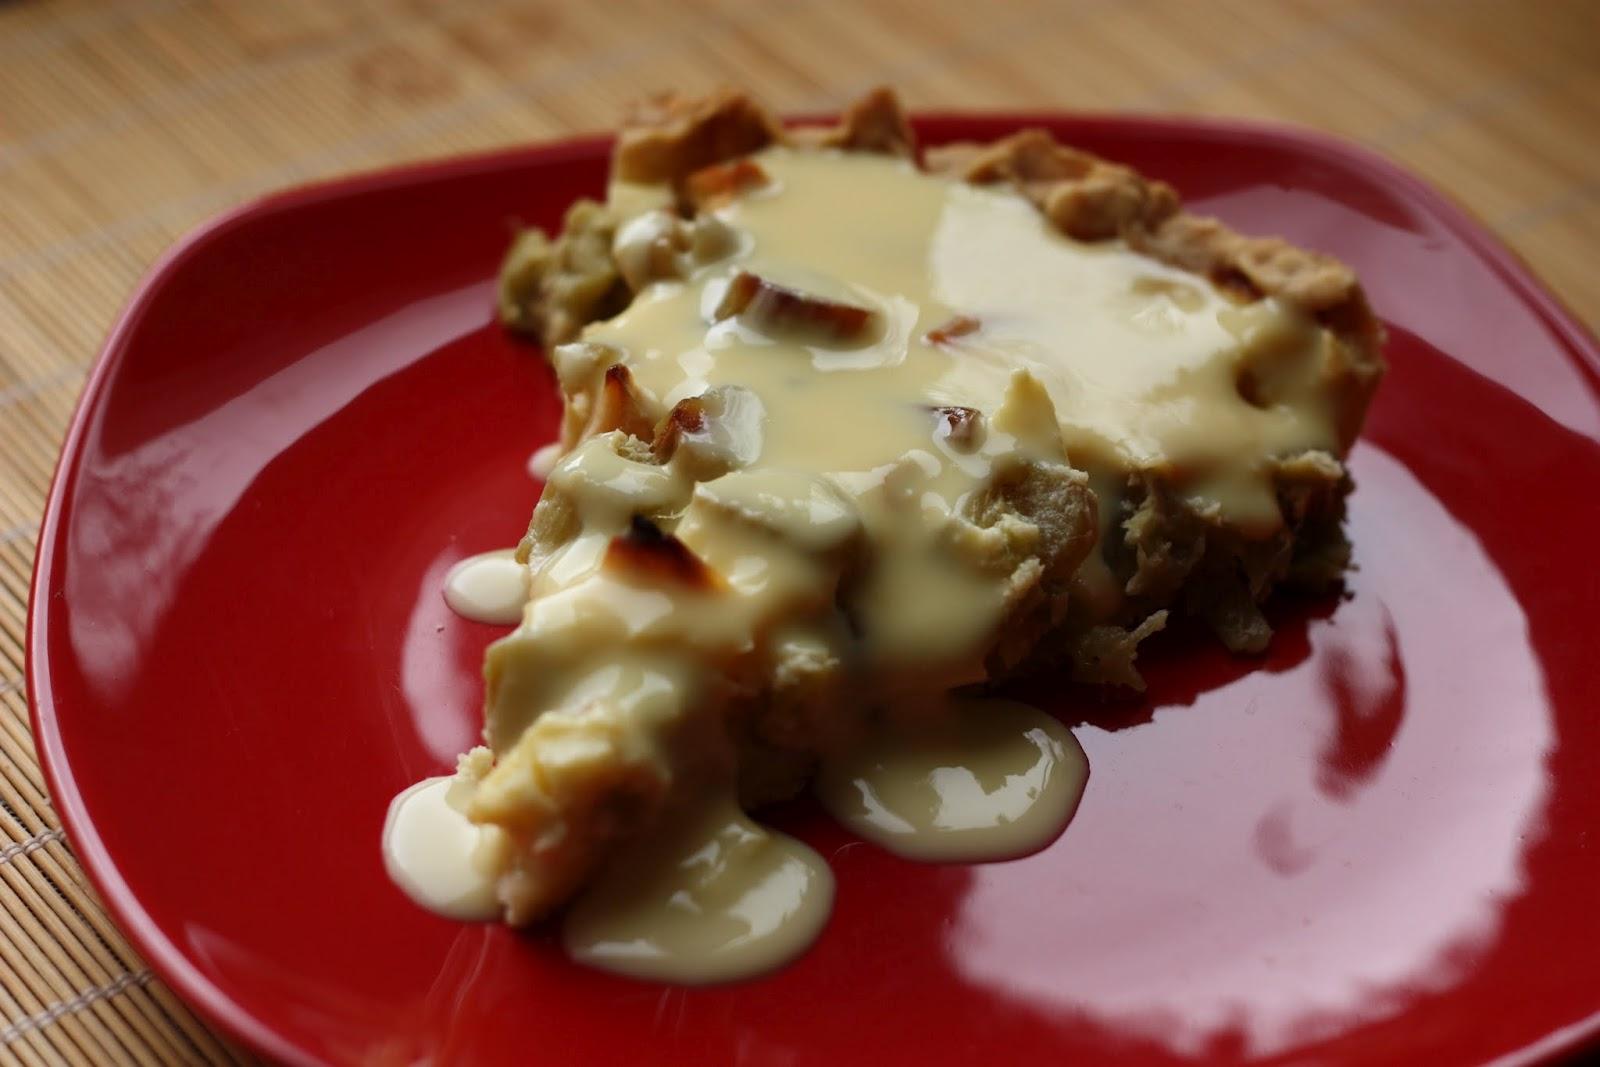 Les petits plats de rose tarte la rhubarbe juste parce que j 39 adore a - Quand ramasser la rhubarbe ...